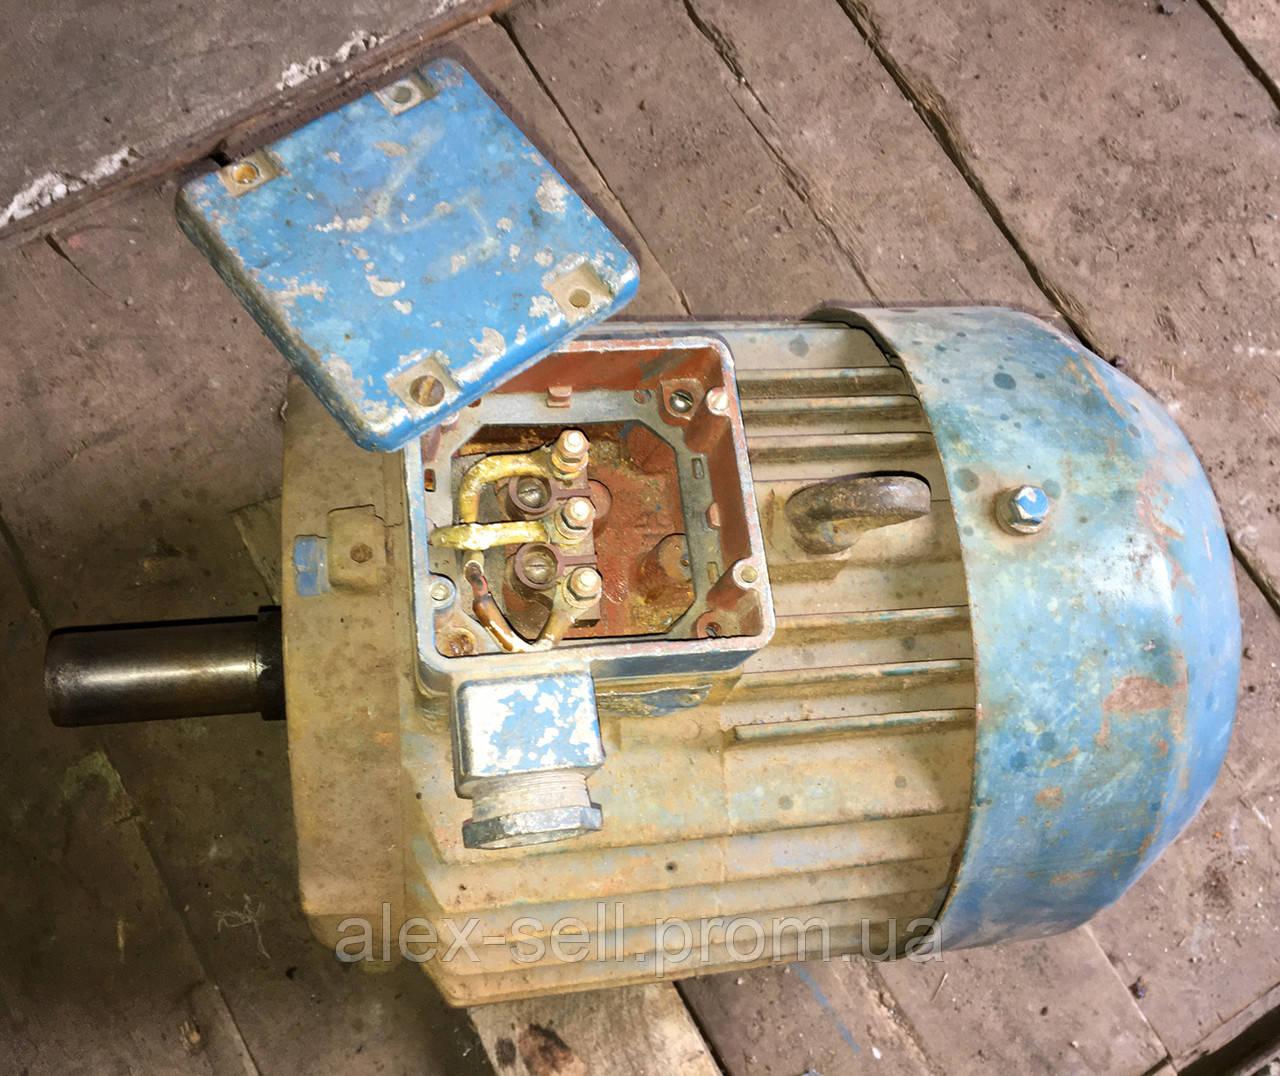 Электродвигатель електродвигун  АИР 132 S6 5,5 кВт 1000 об/мин.